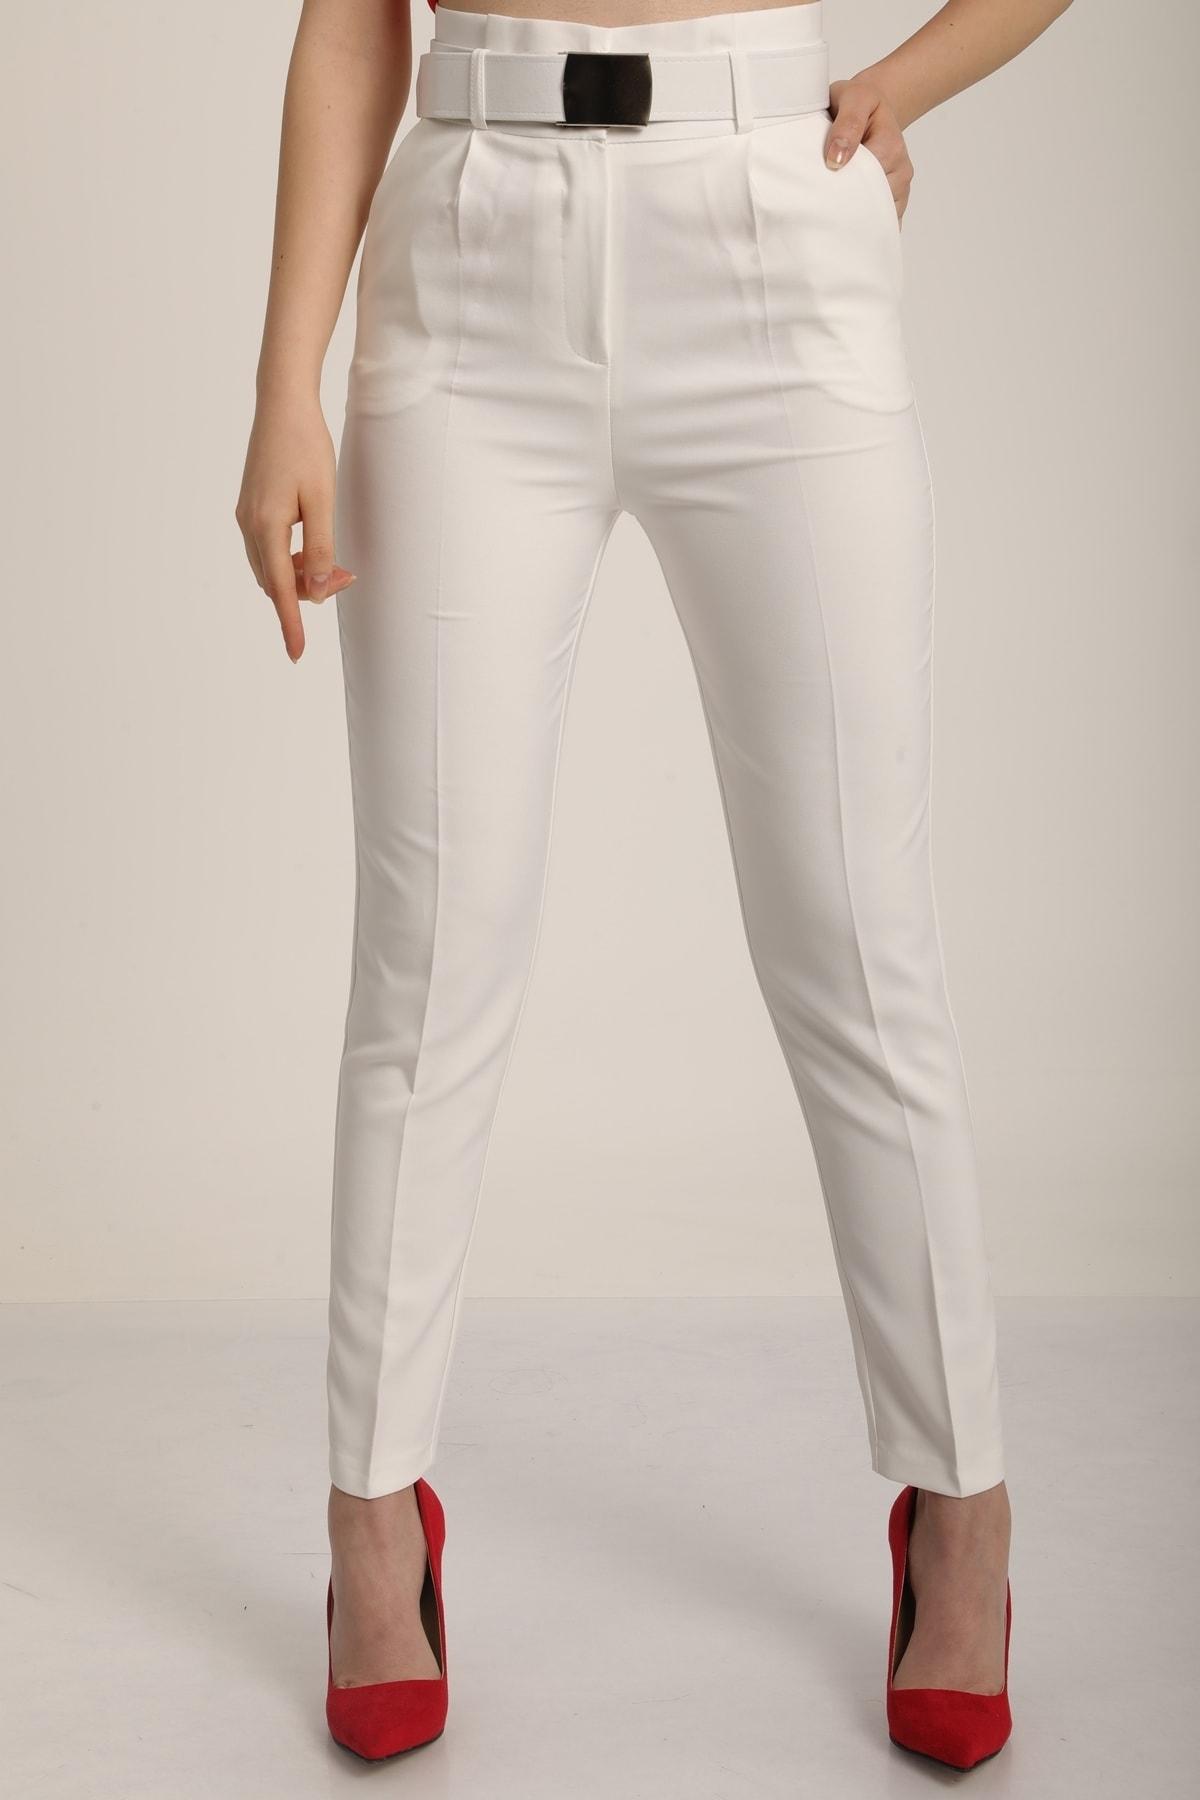 MD trend Kadın Beyaz Yüksek Bel Palaska Kemerli Kumaş Pantolon Mdt5015 2